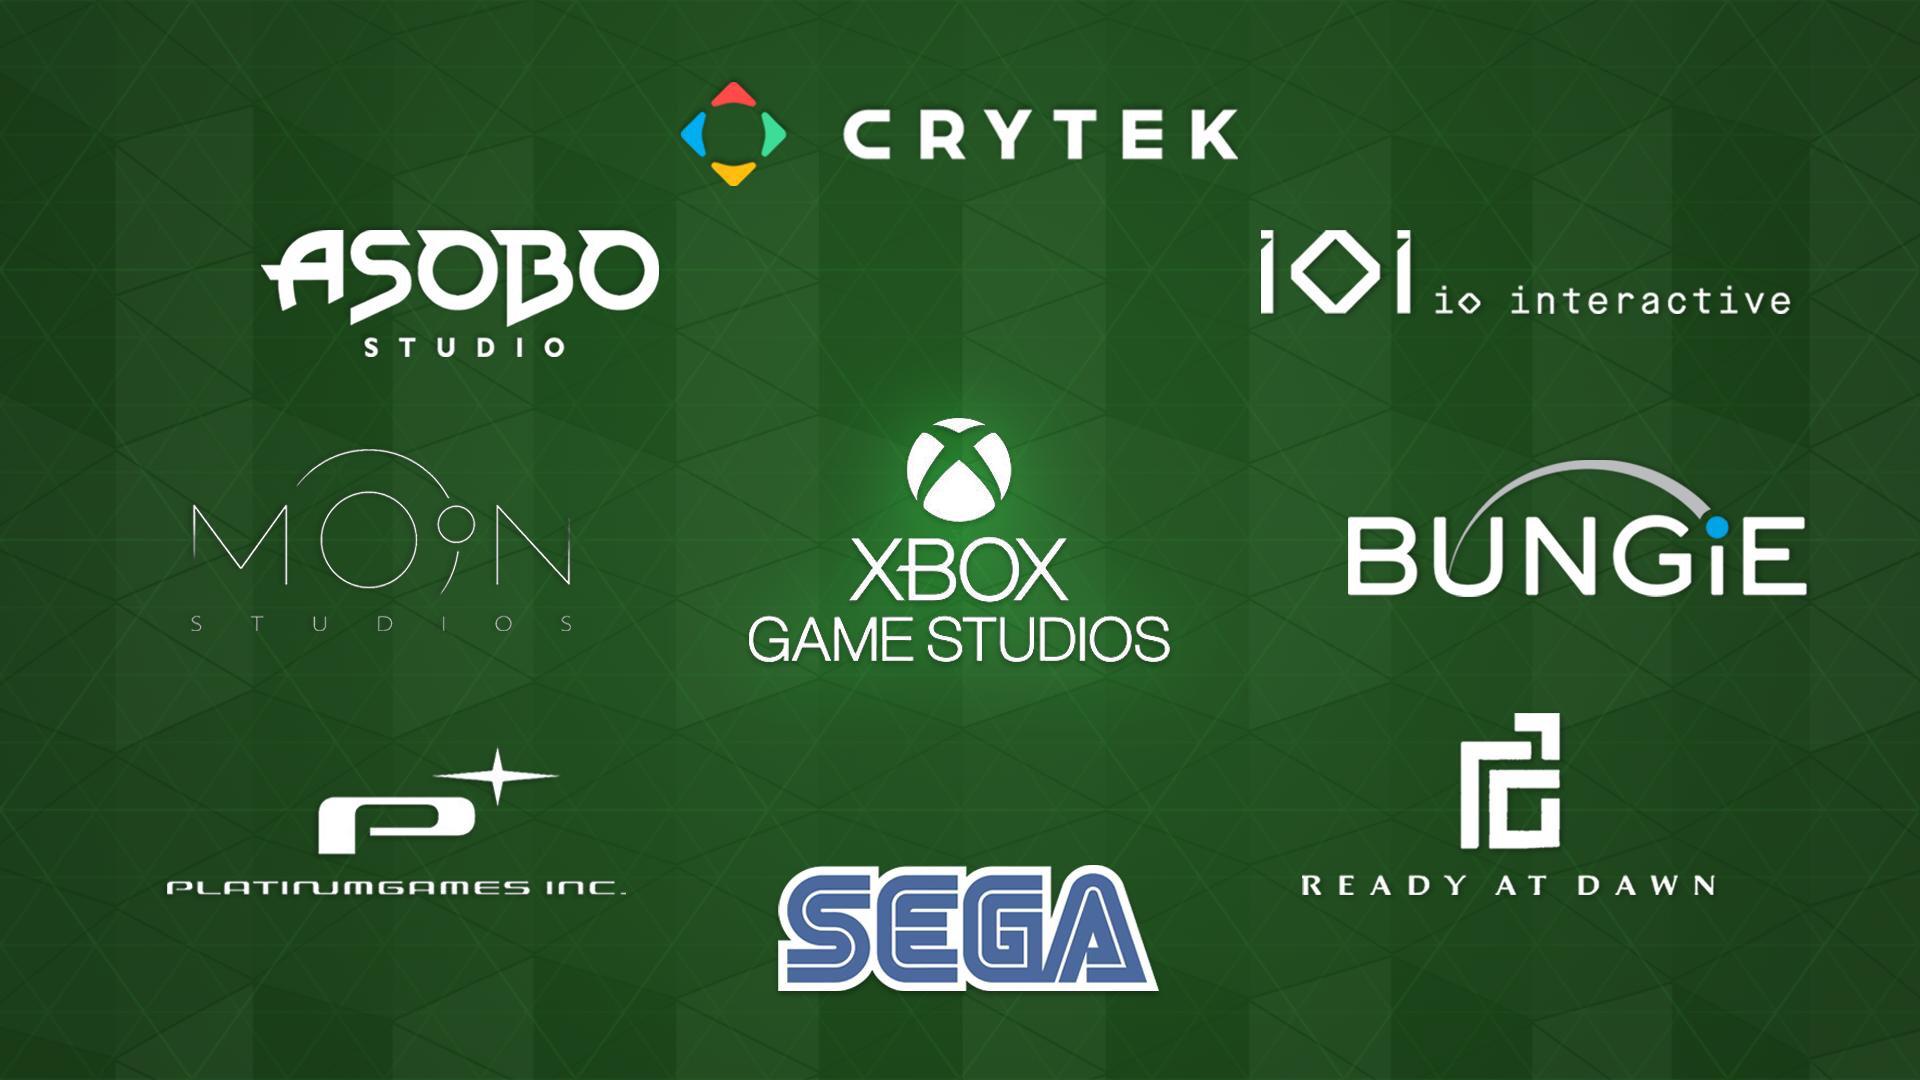 evNvhOn - 【朗報】MS、セガとプラチナゲームス。バンジー他を買収へ。X019で発表か